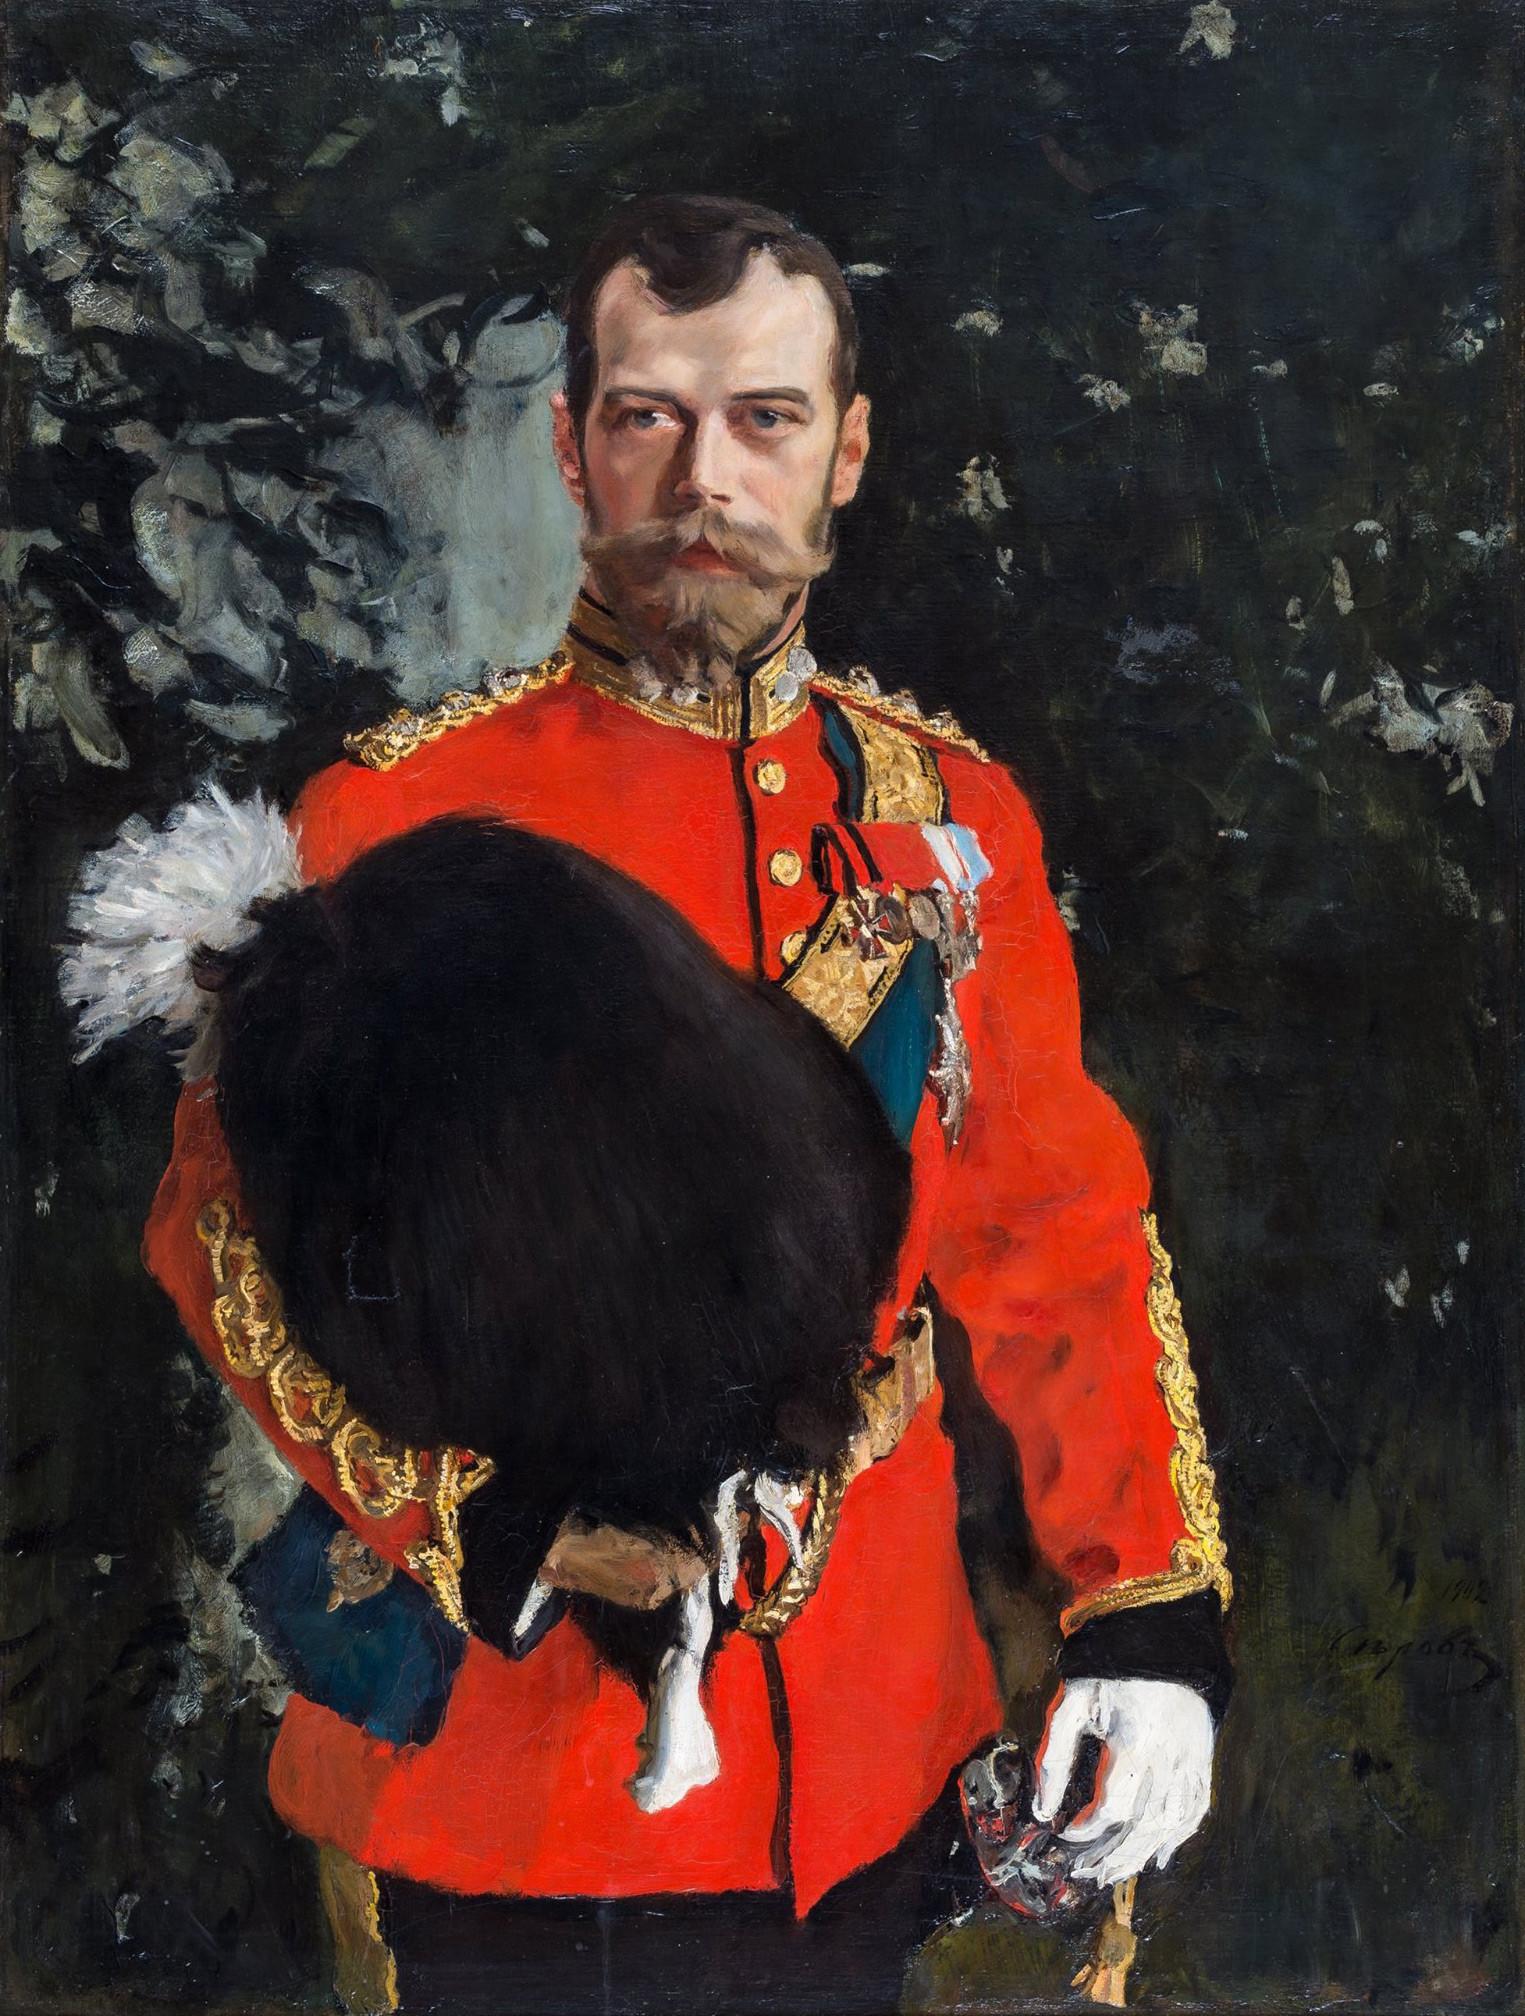 Николай II, генерал-полковник на Кралските шотландски сиви, 1902 г. Императорът в пълната униформа като главен полковник на Вторите драгуни (Кралските сиви потландци). Художник: Валентин Серов.